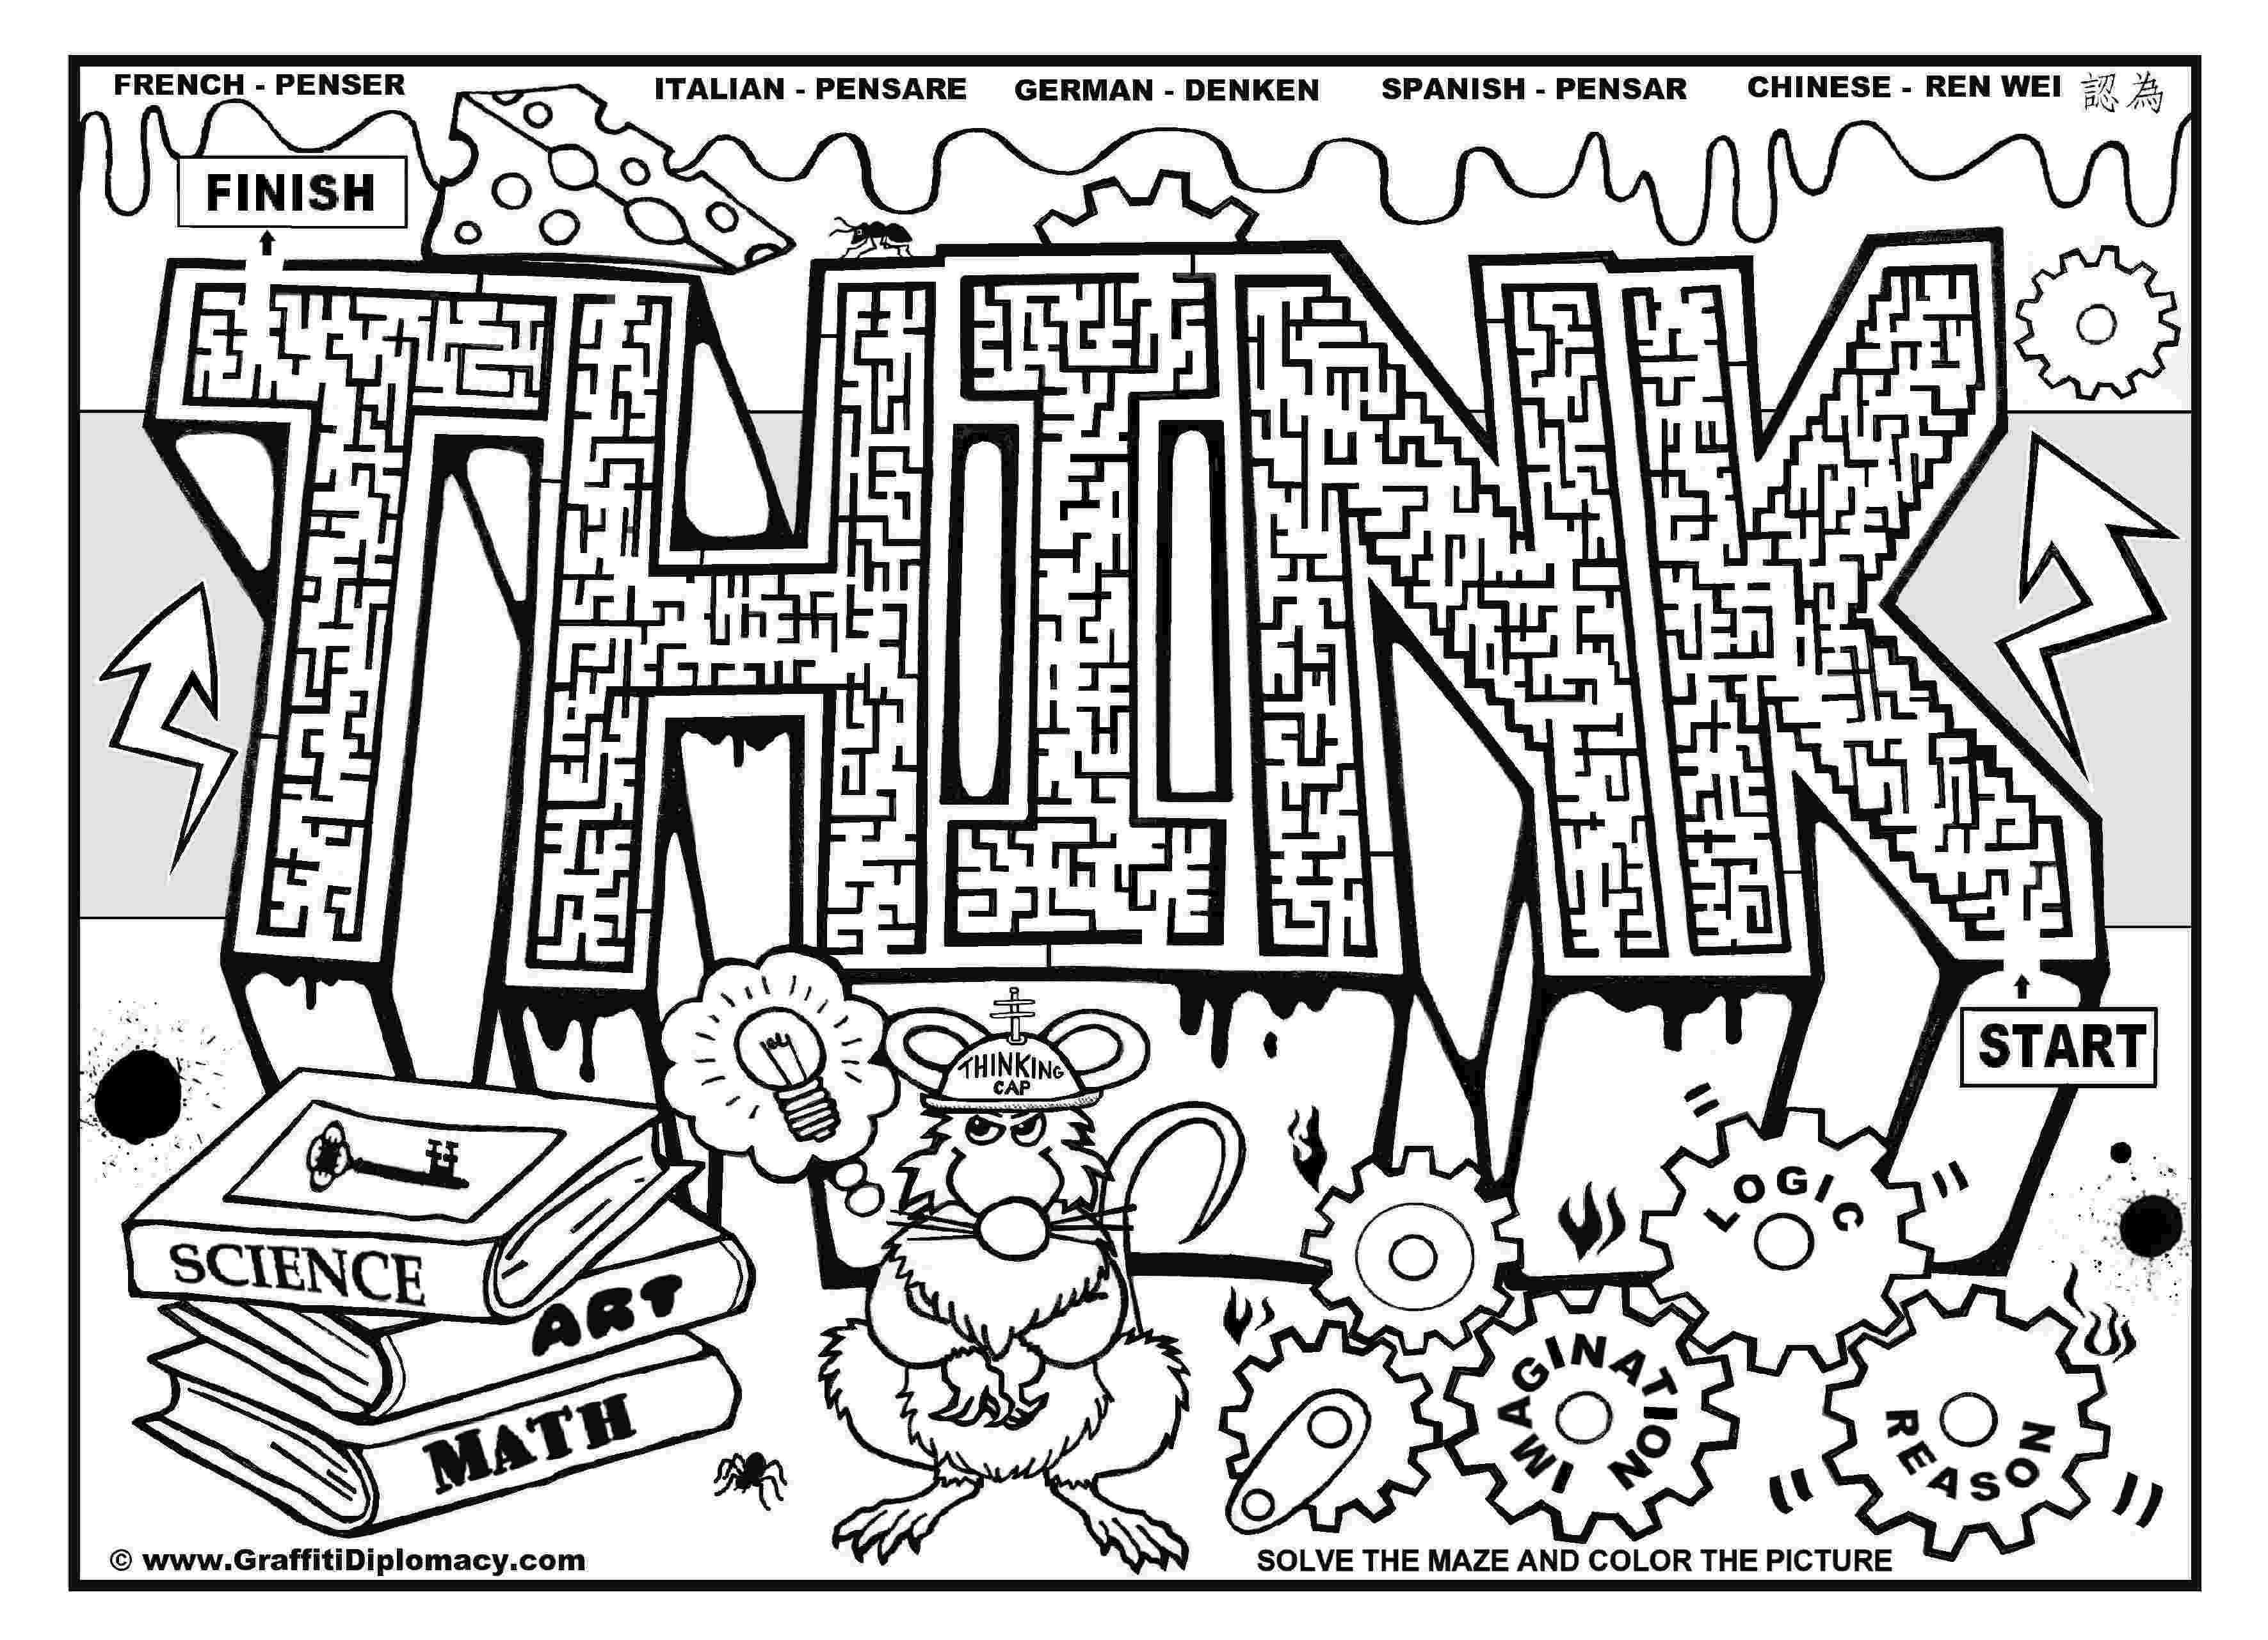 graffiti coloring 8 images of printable graffiti coloring pages adults graffiti coloring